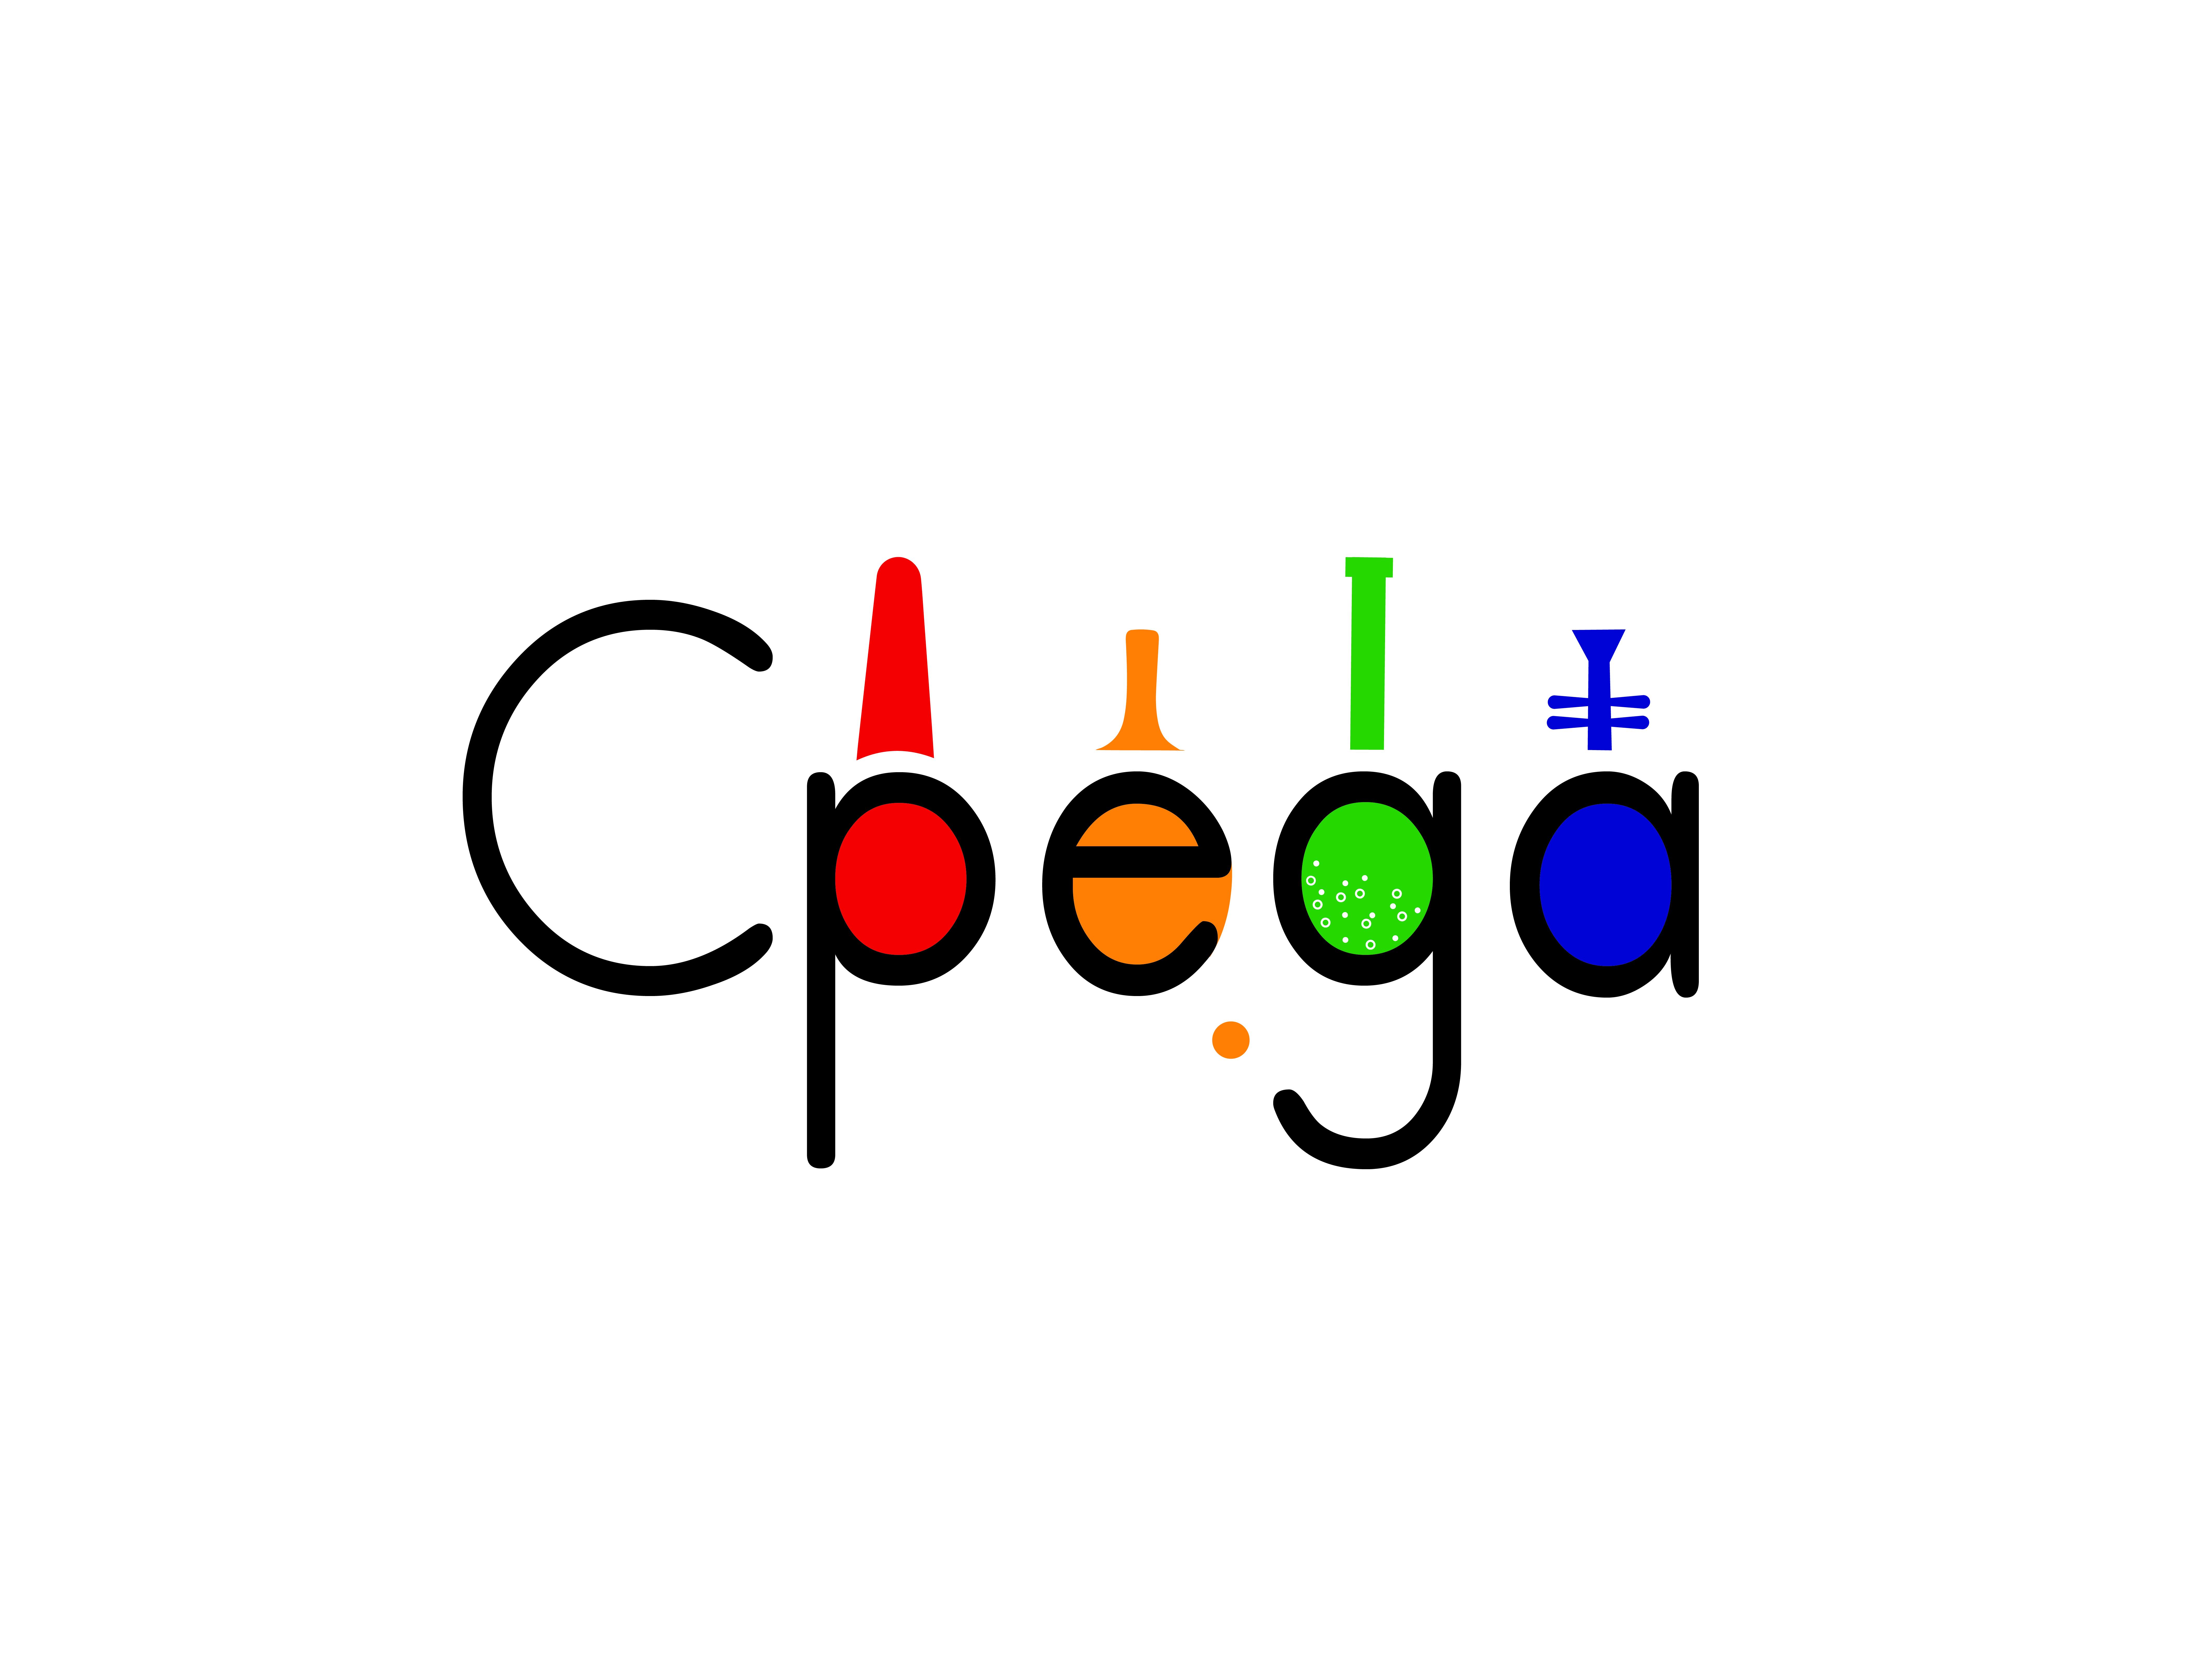 Разработка логотипа для творческого портала фото f_7645b5966194f247.jpg